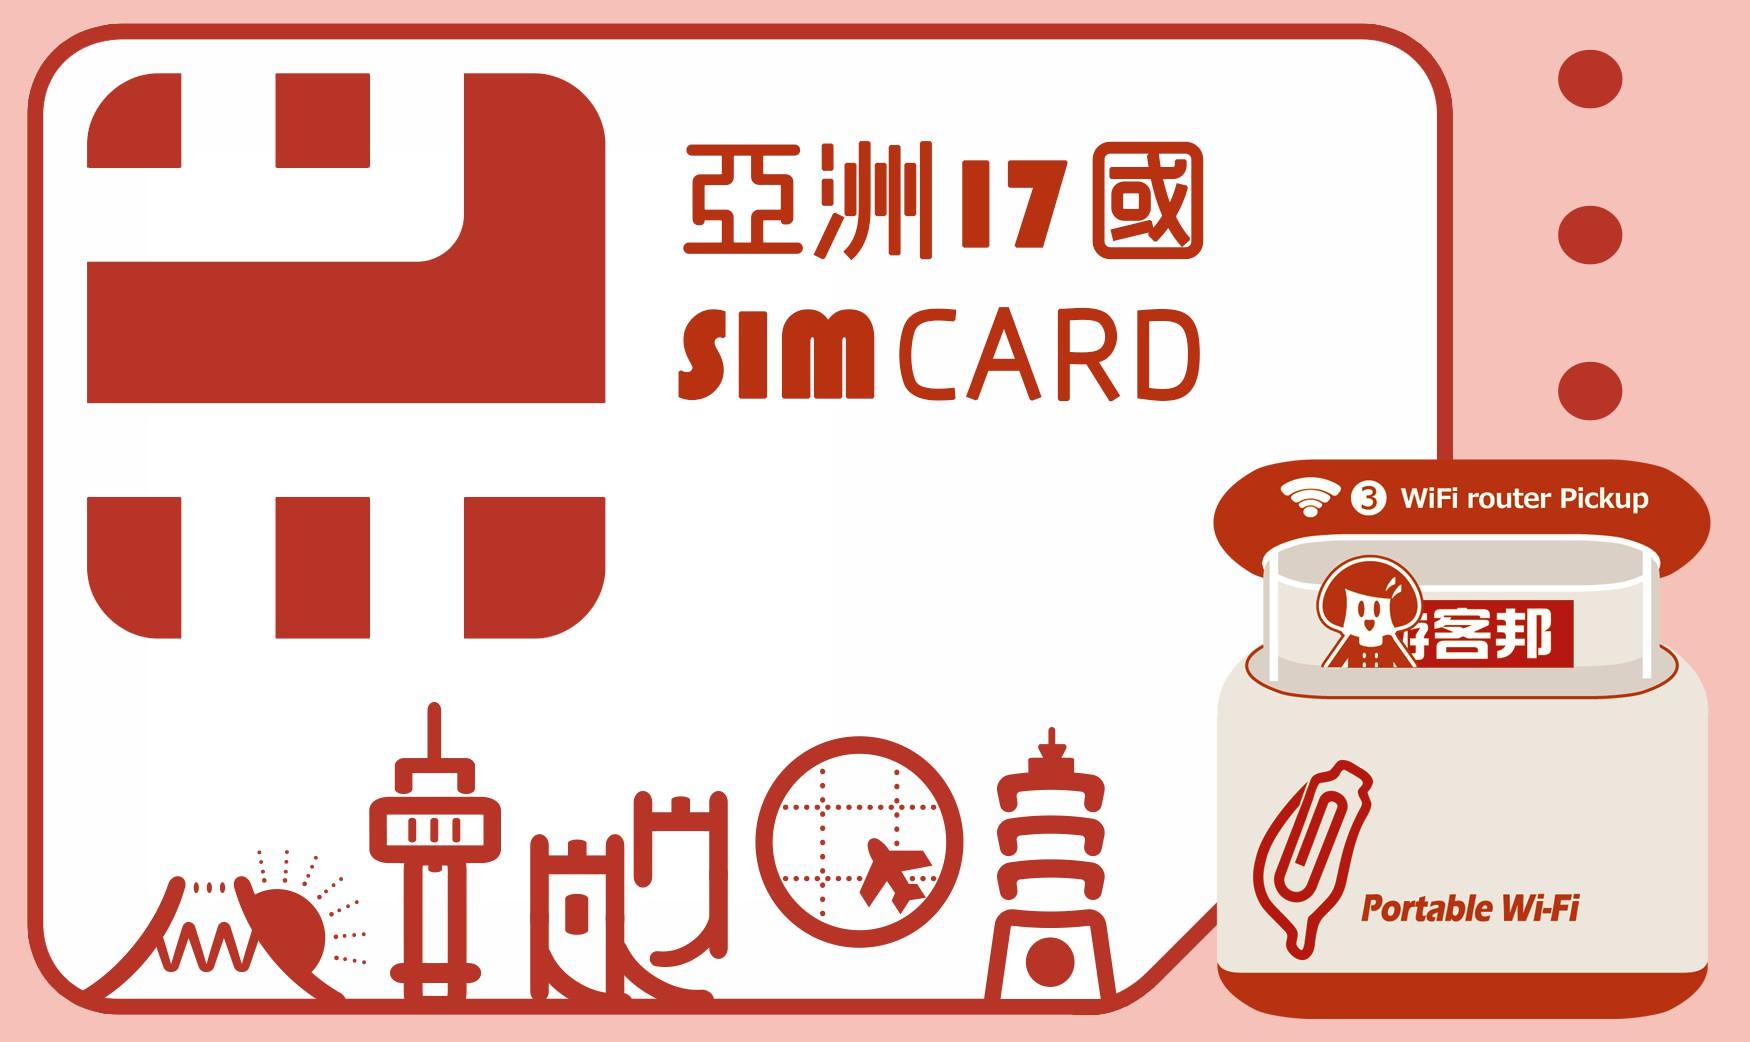 17國 8日無限數據網卡